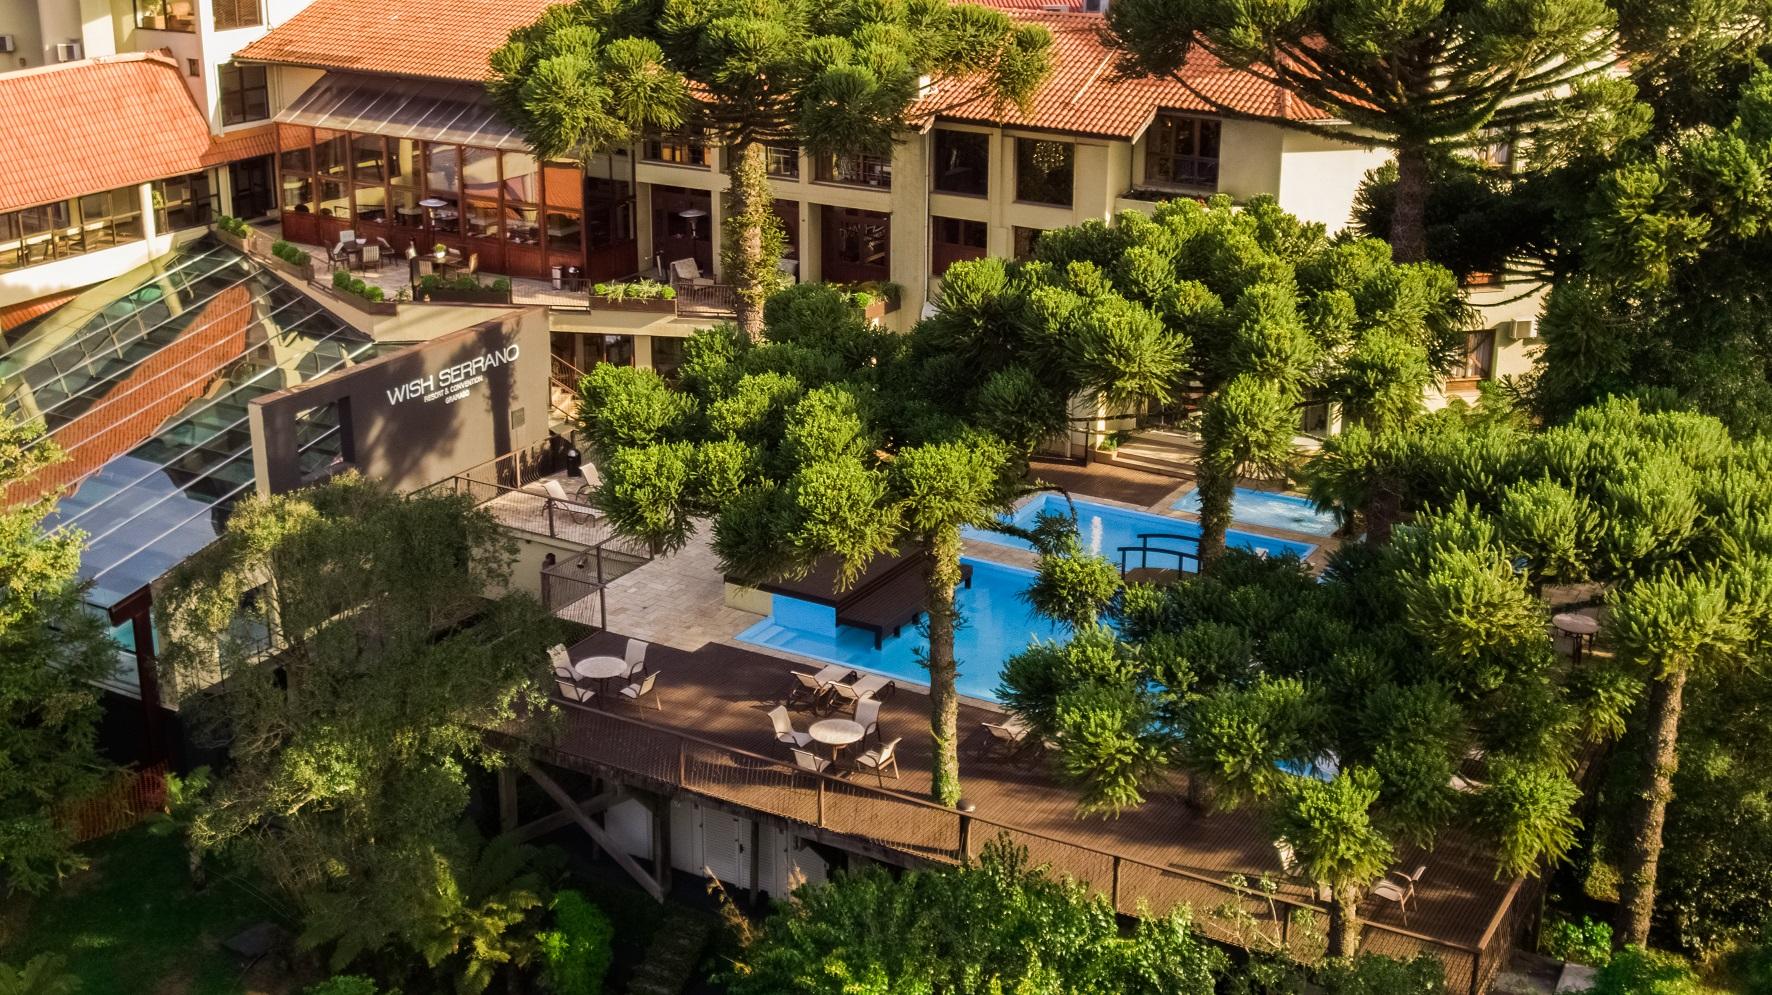 GJP Hotels prepara revitalização no Wish Serrano (RS)